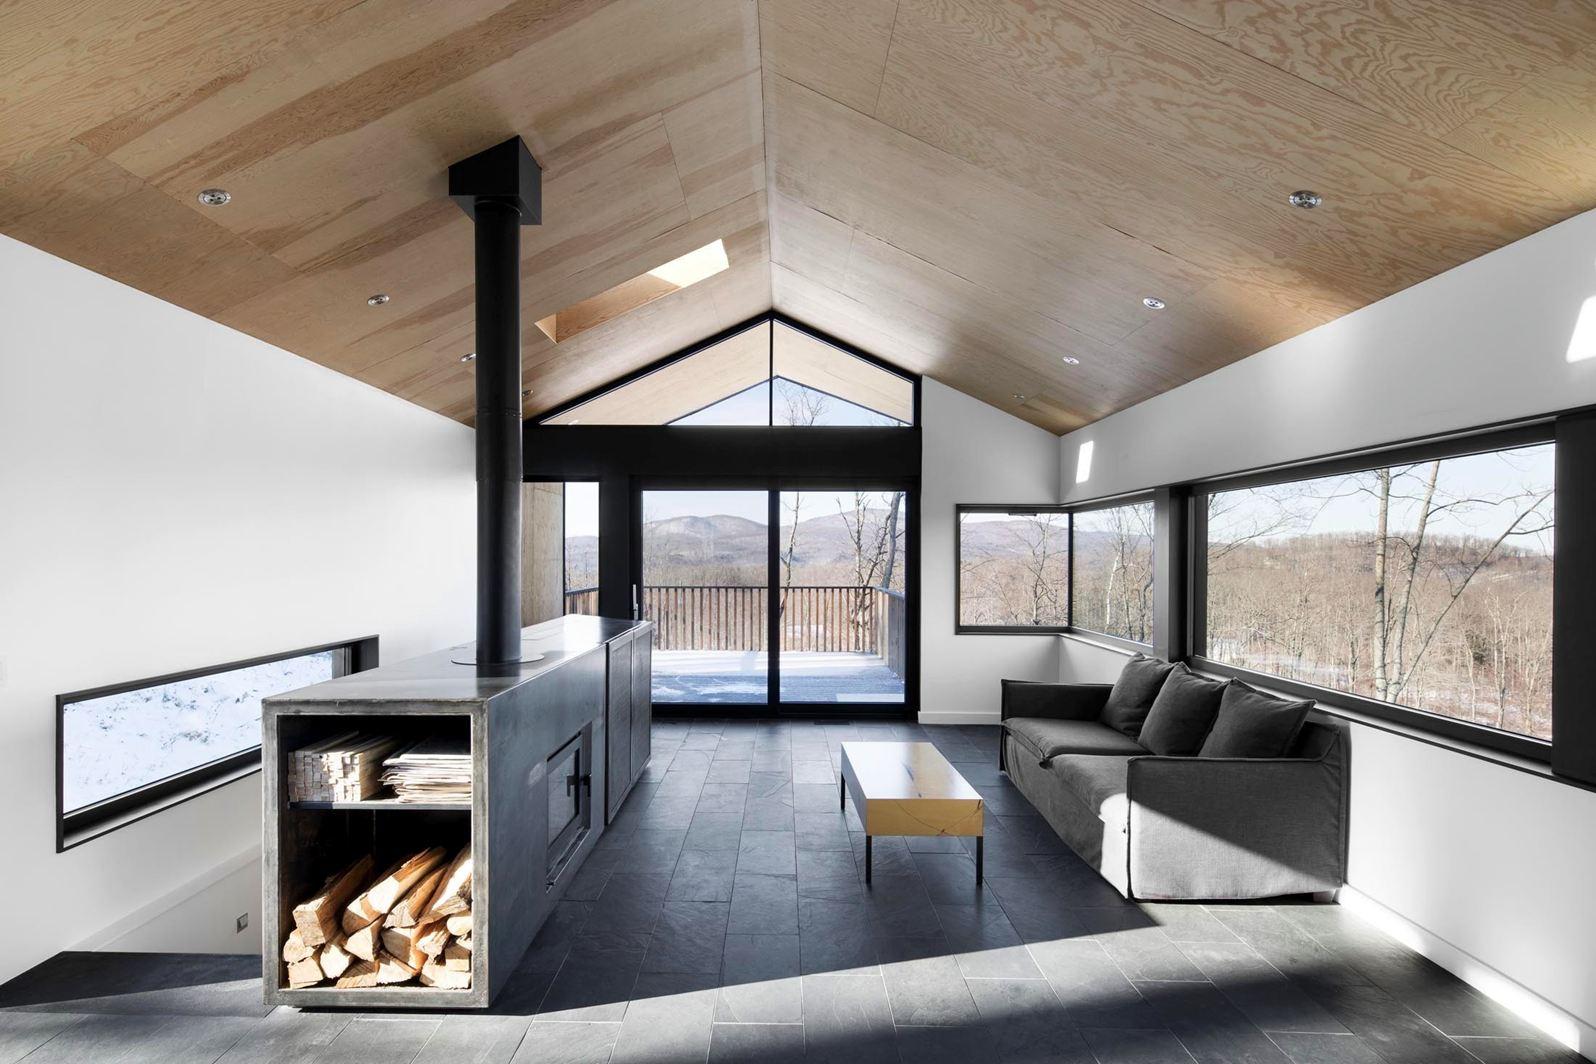 Una casa a contatto con la natura - Architecturen volumes ...